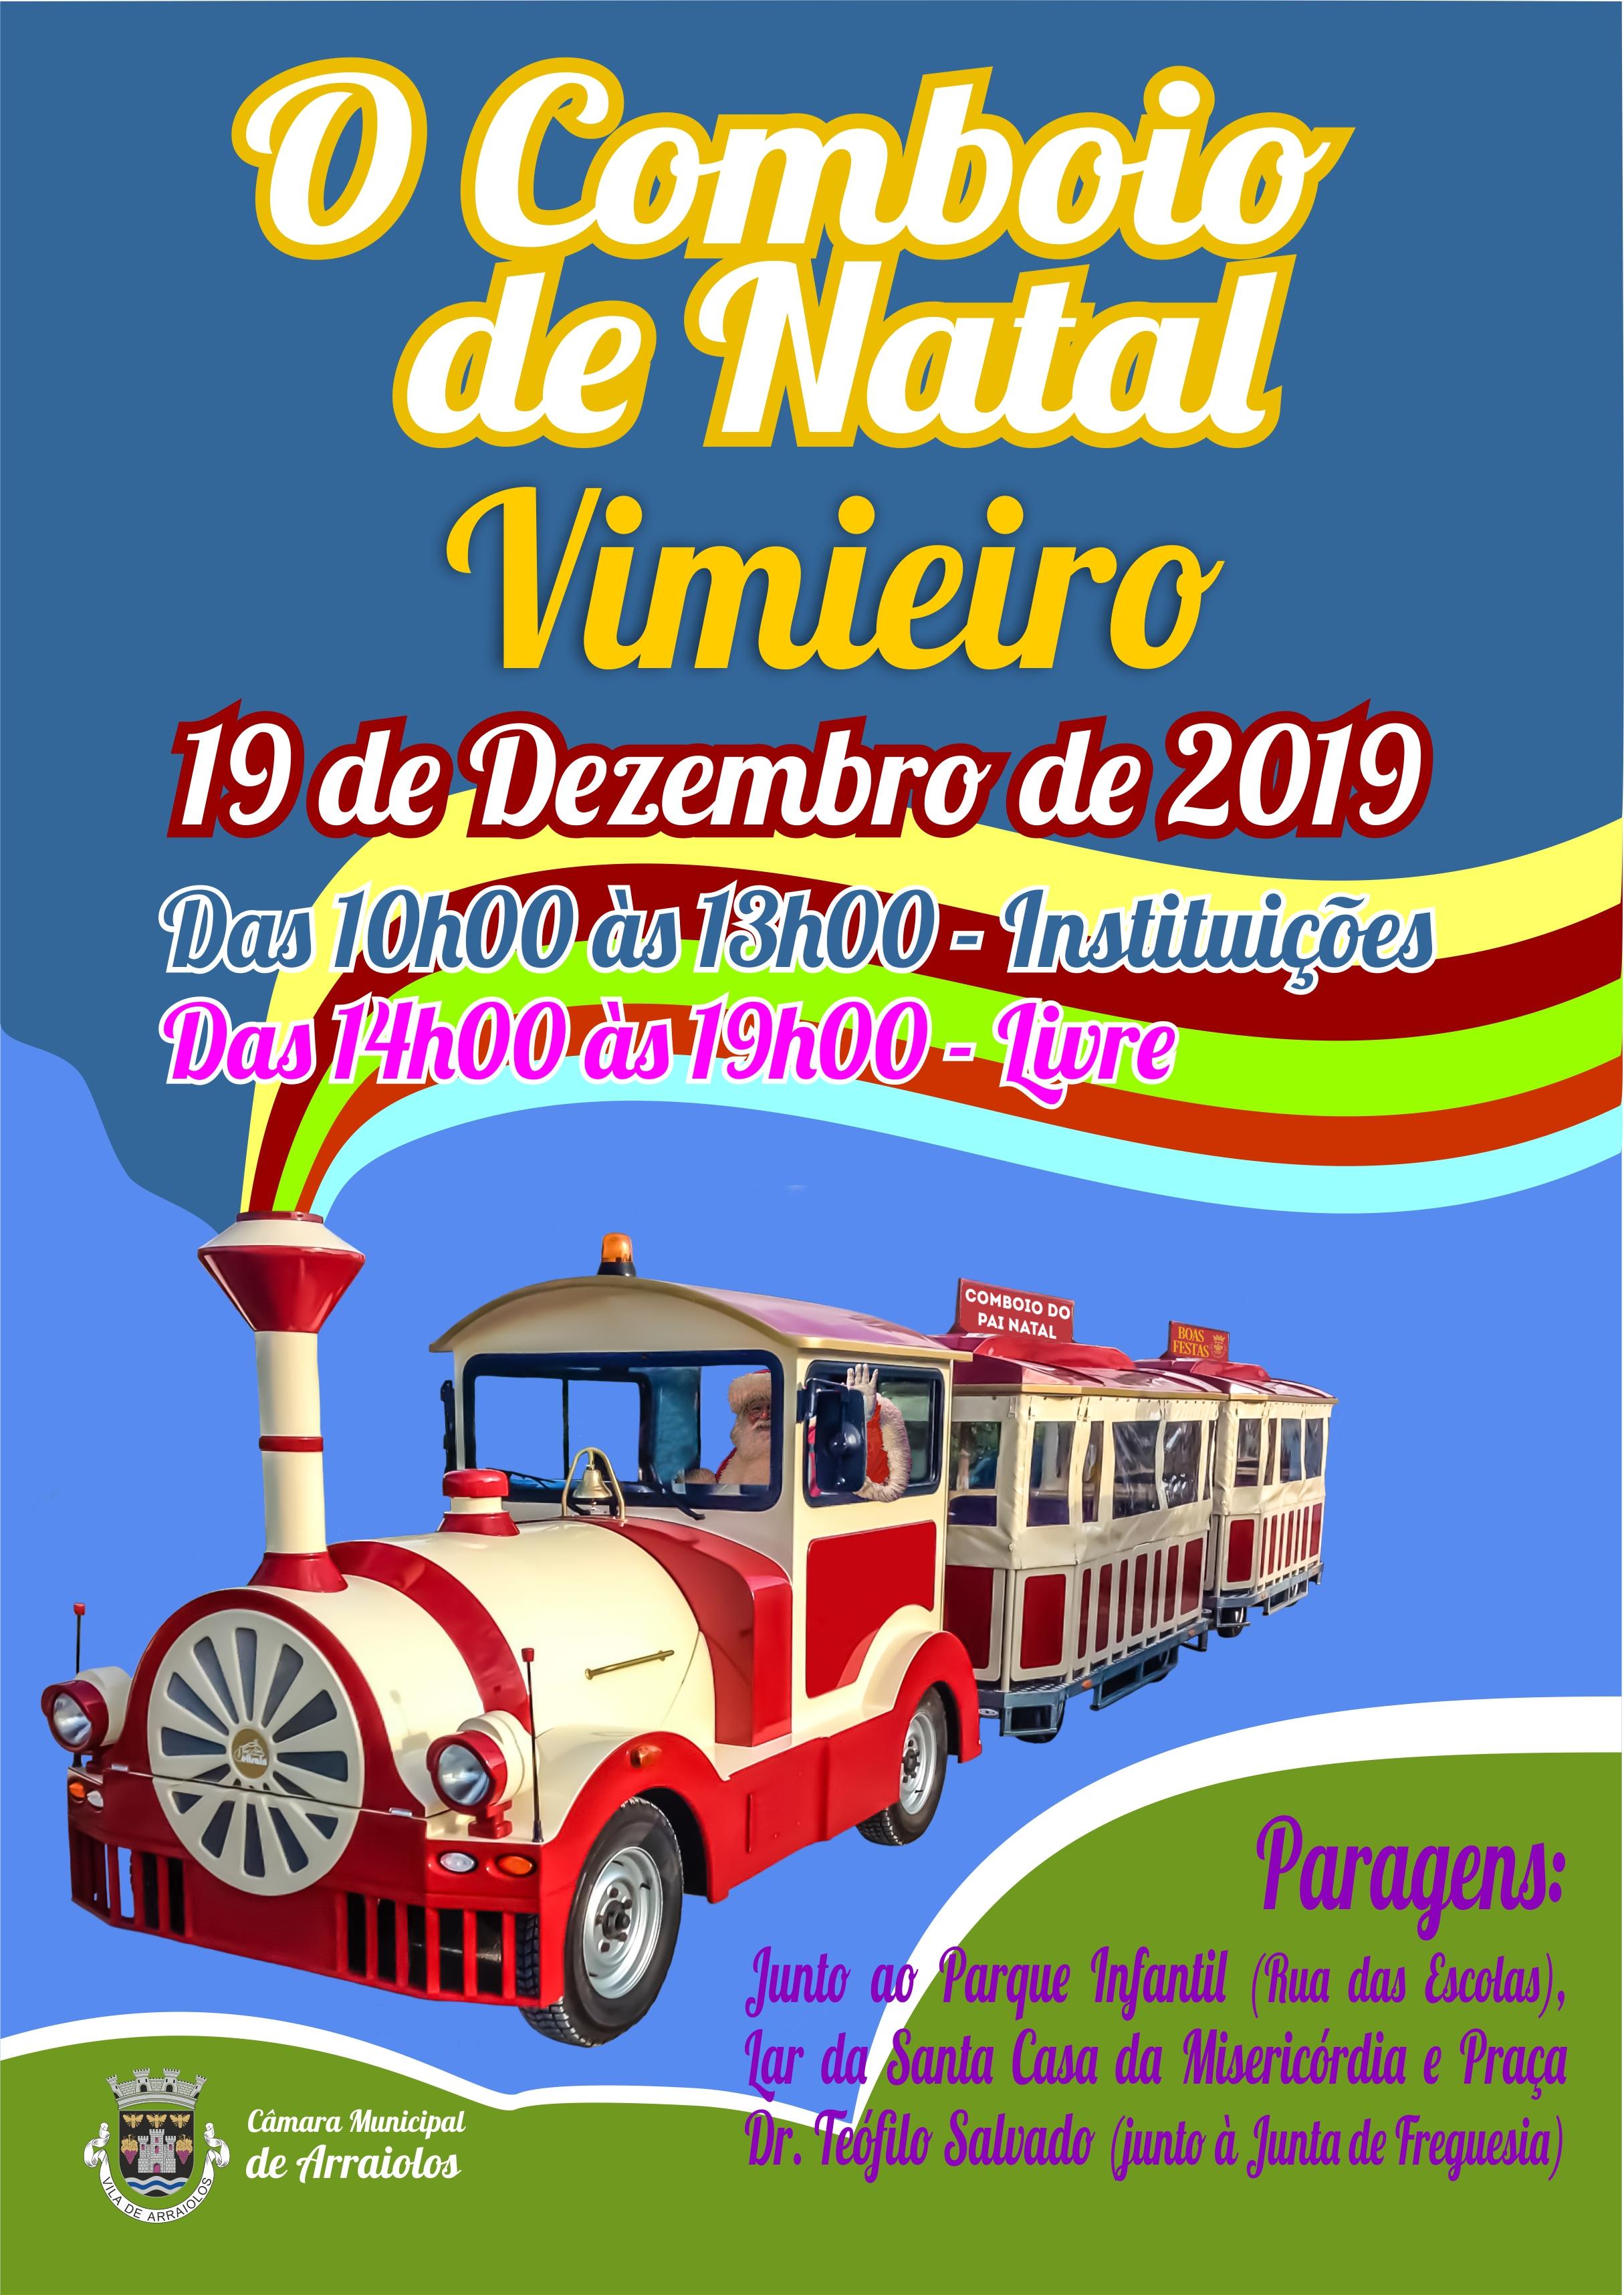 Comboio de Natal Vimieiro.jpg